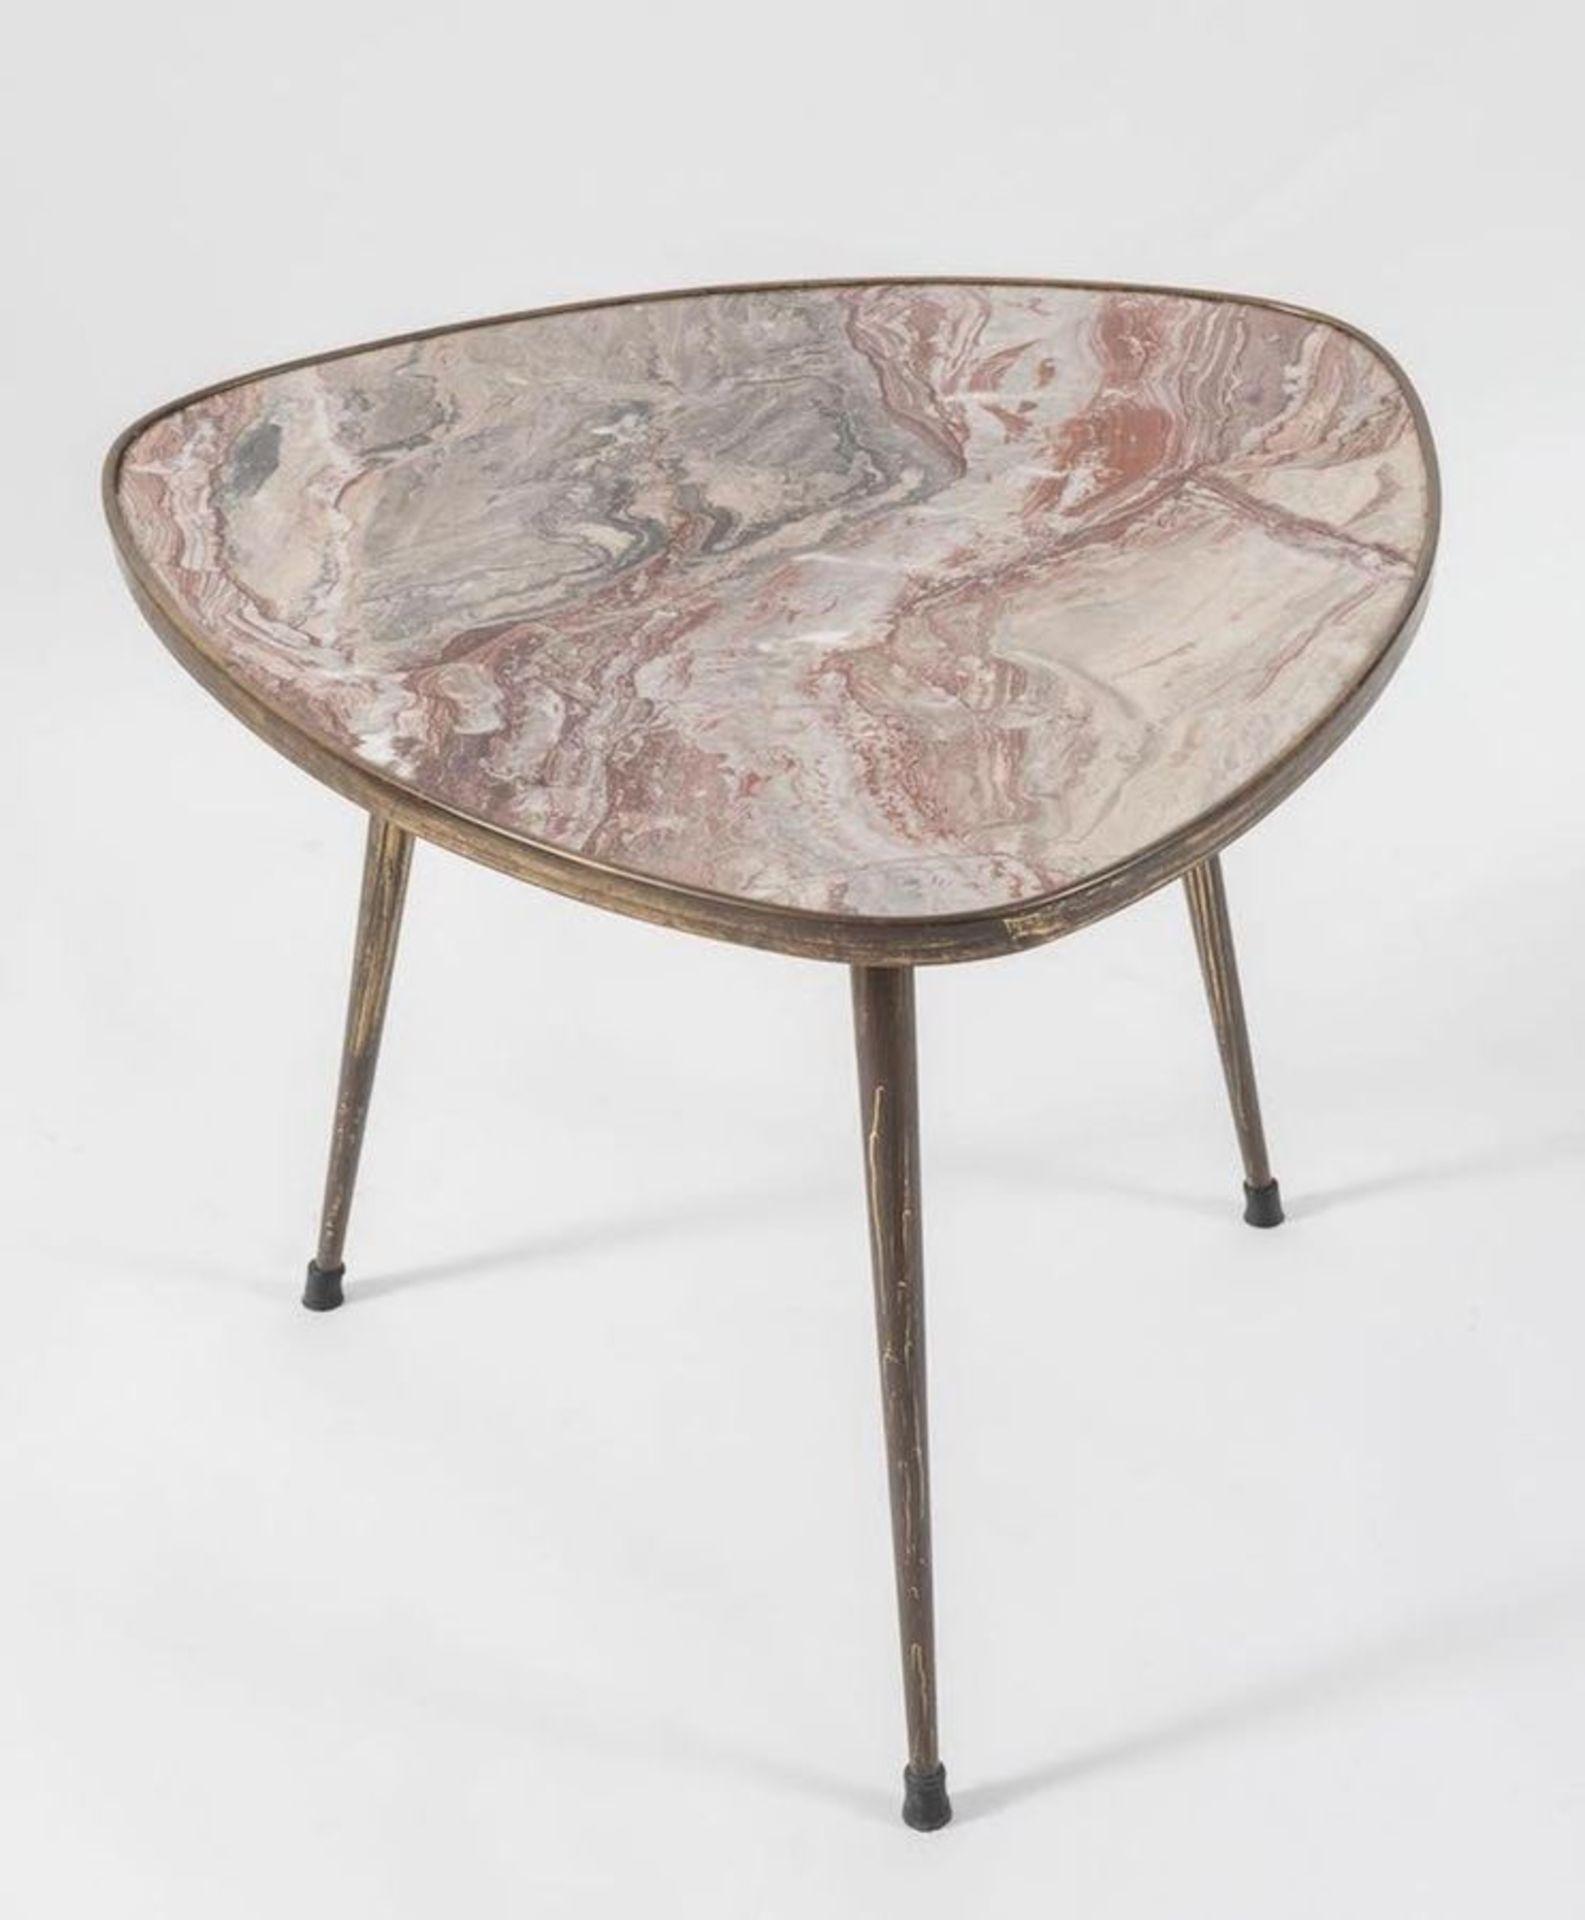 Tavolino da caffè in ottone con piano in marmo. Prod. Italia, 1950 ca. Cm 62,5x57x50. - Bild 2 aus 2